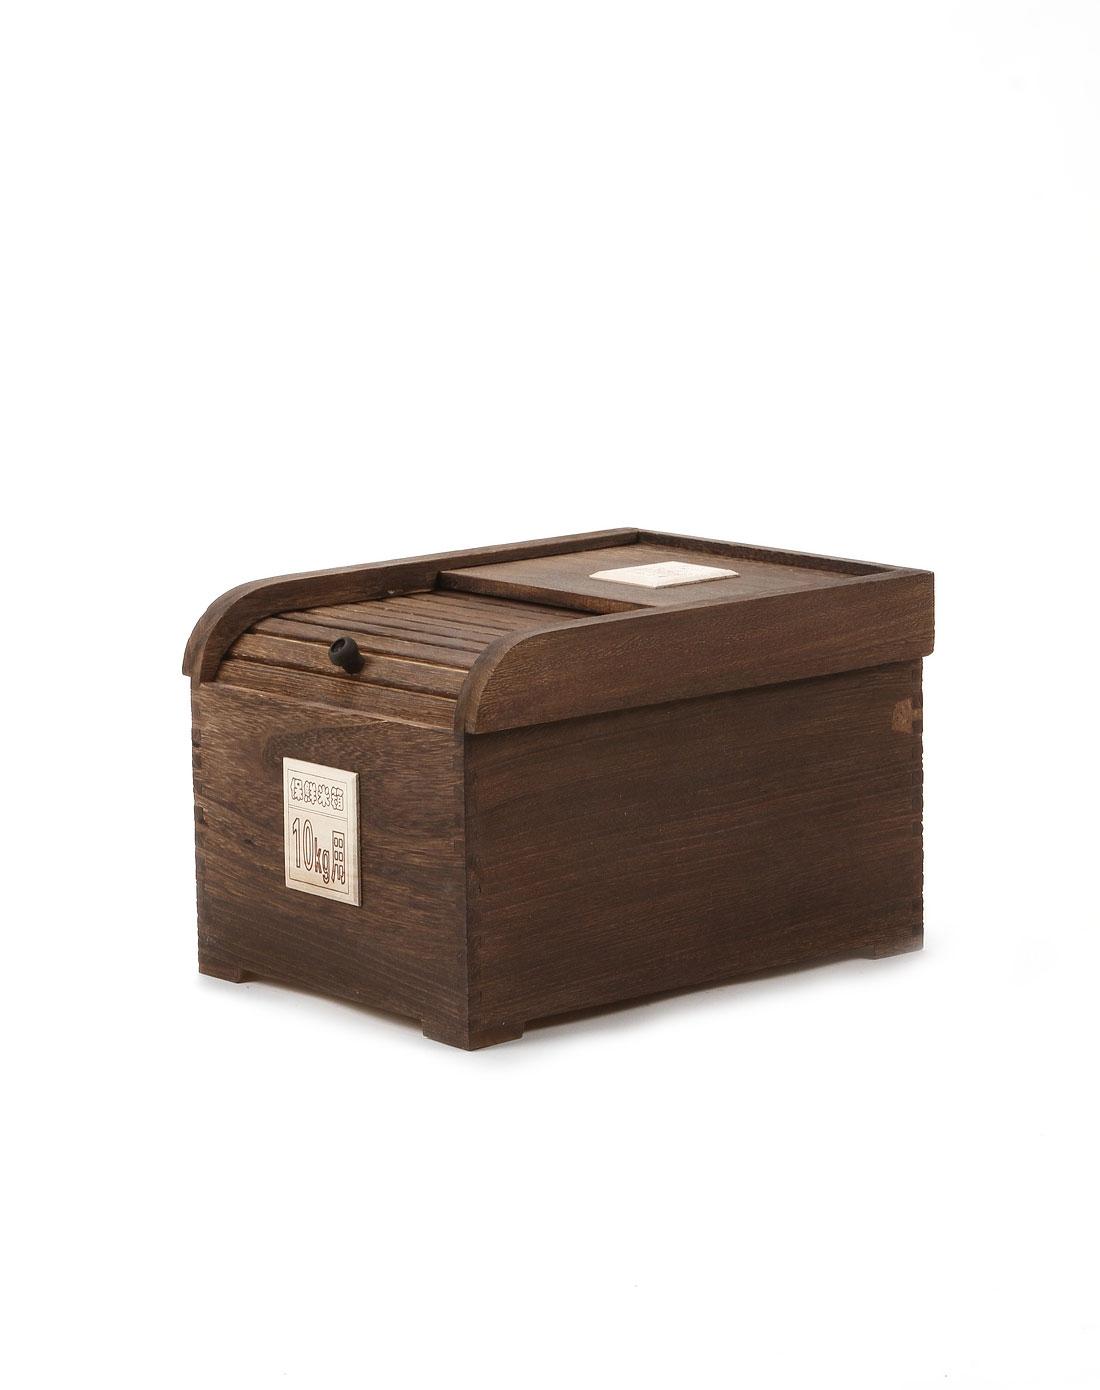 华玲大鹰 碳烤色10公斤炭烧米箱